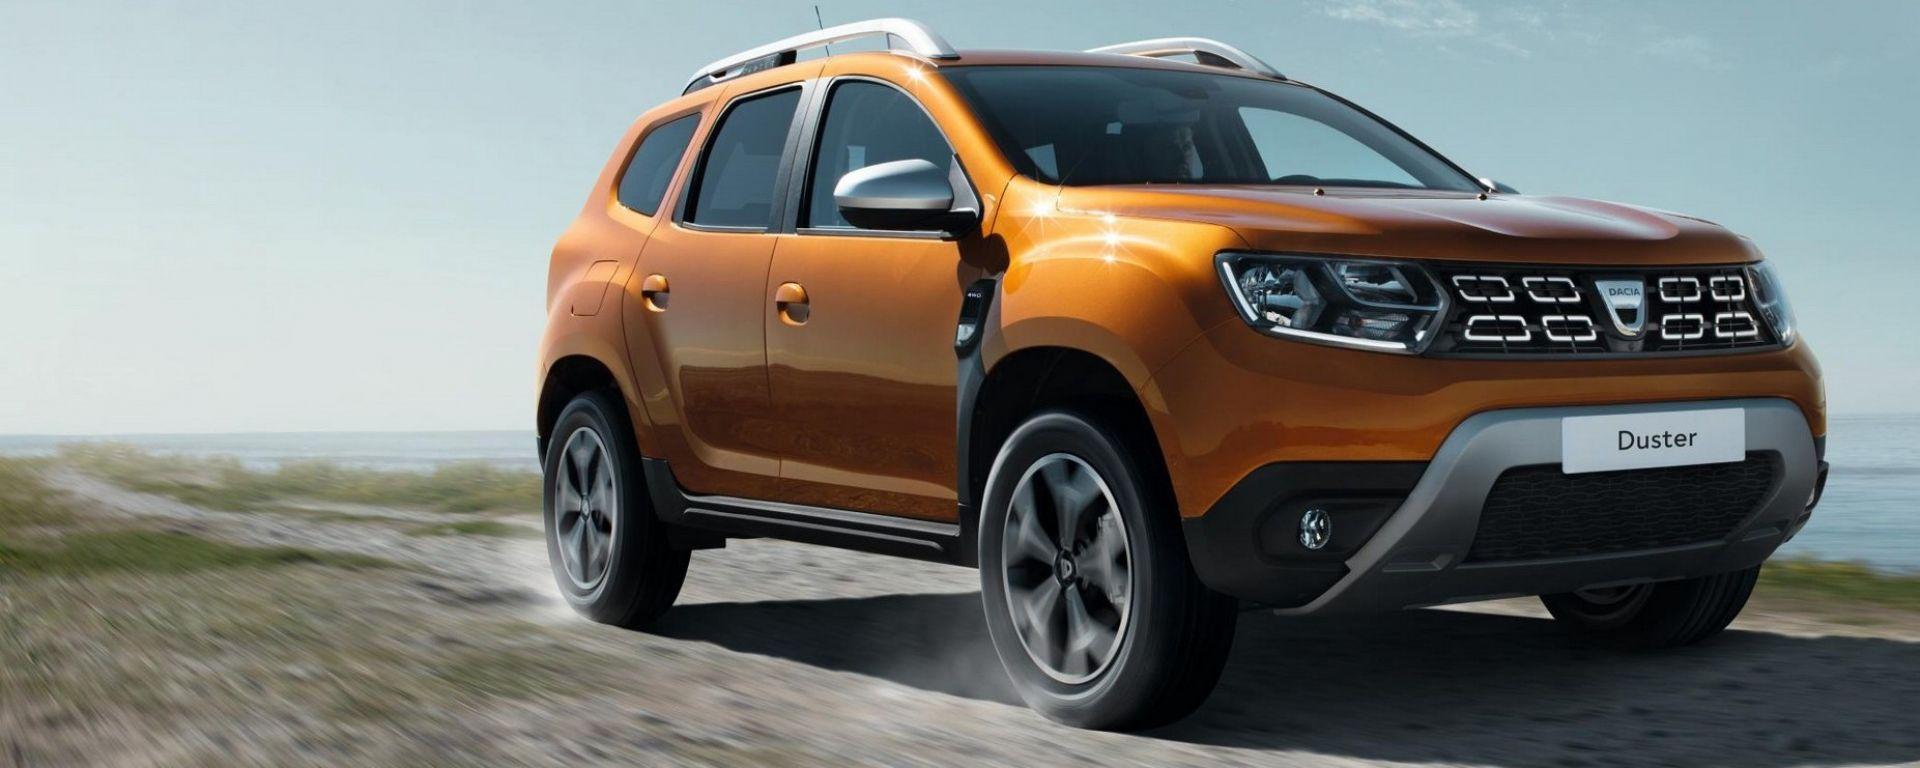 Nuova Dacia Duster, arriverà nel 2018: ecco cosa sappiamo già